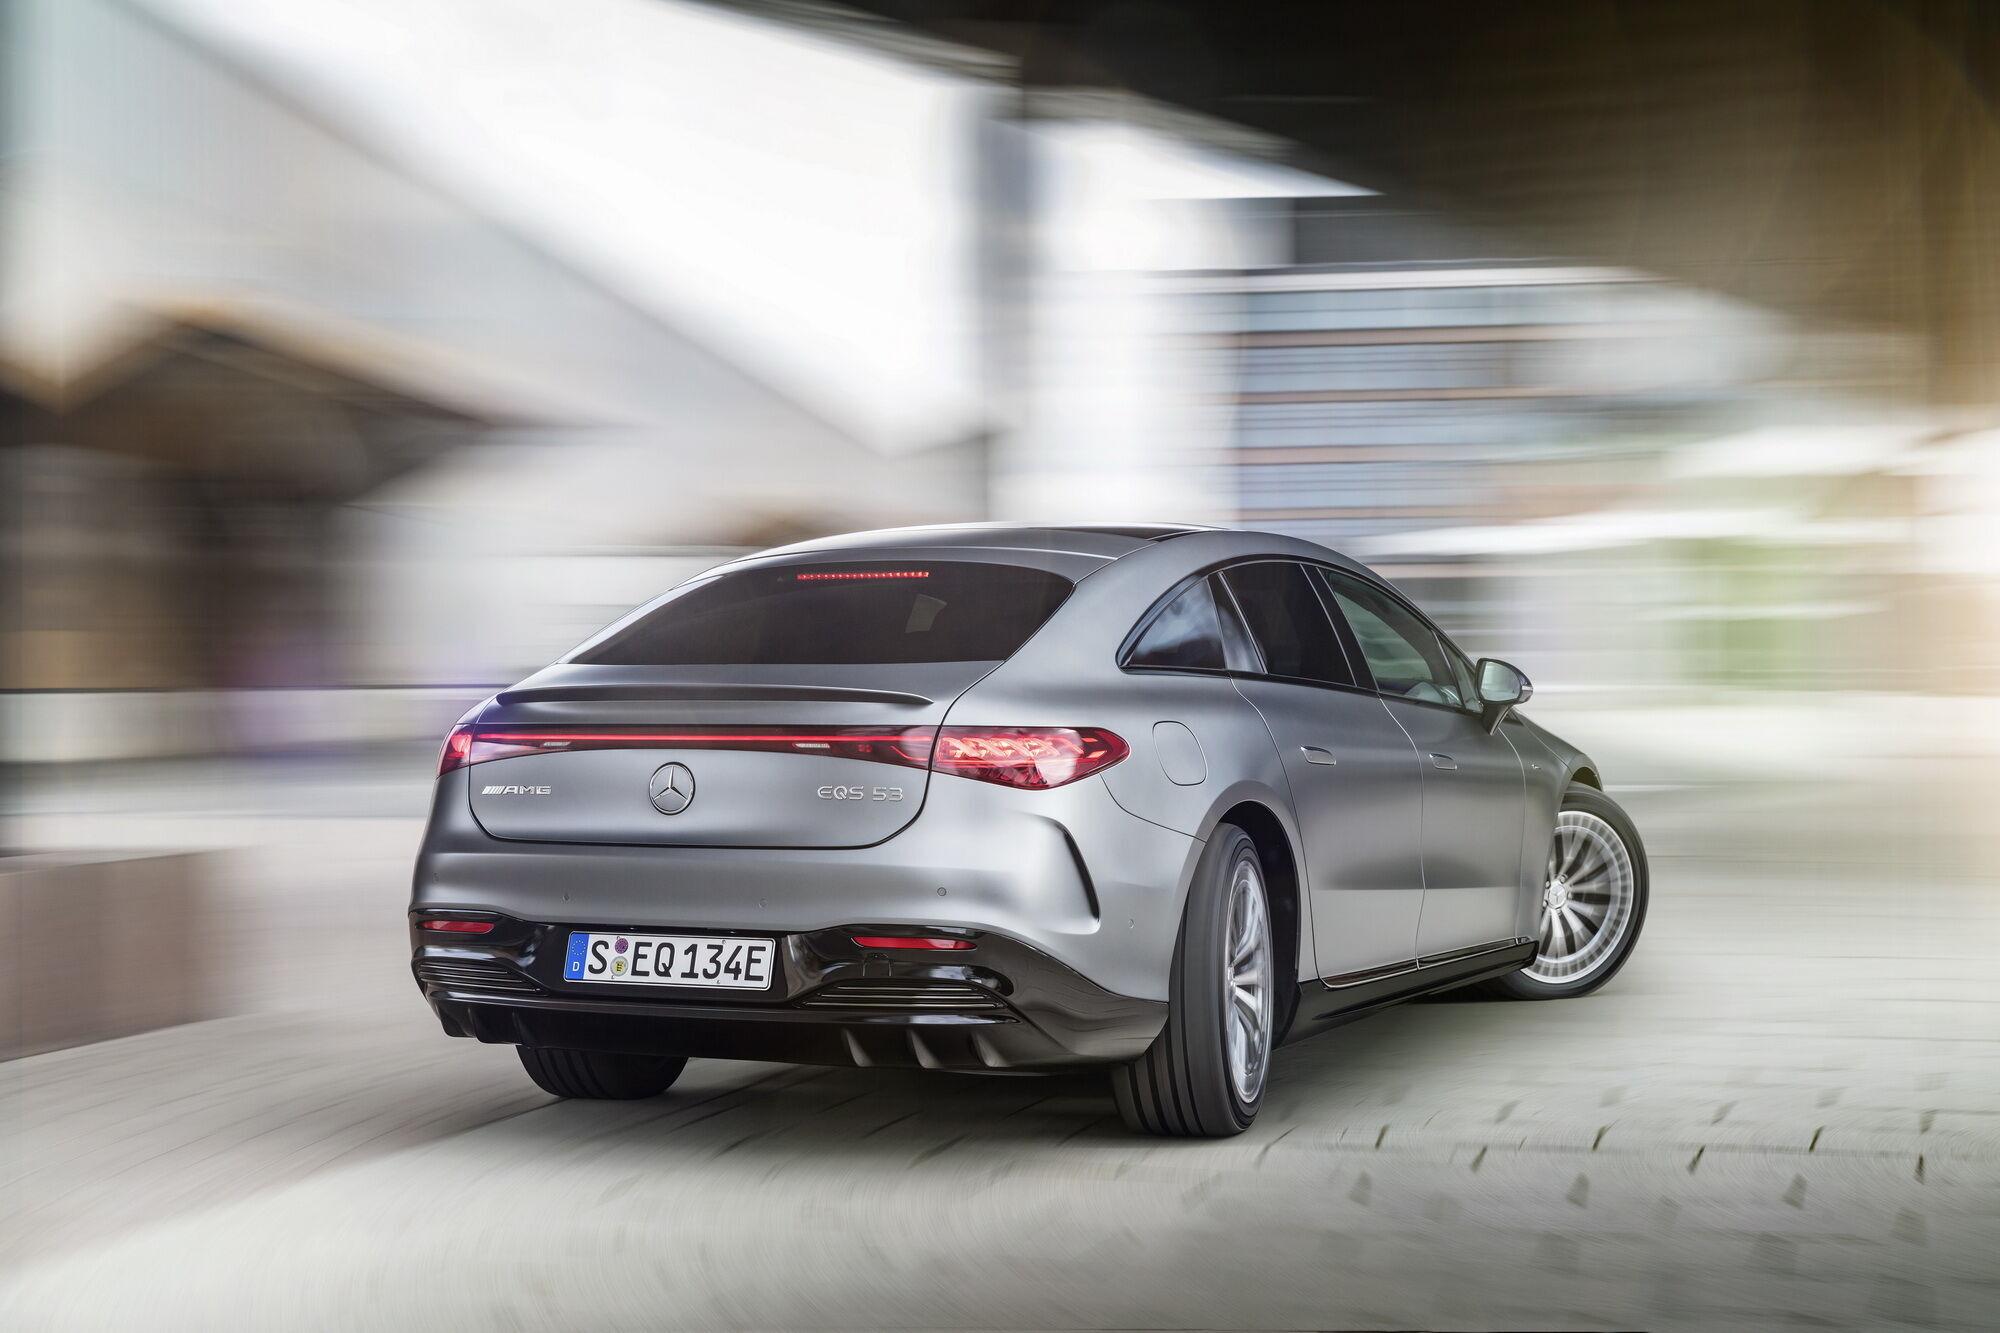 Задние колеса могут поворачиваться на угол до 90 градусов в противоположную сторону с передними (до 60 км/ч), а на скорости свыше 60 км/ч — в ту же сторону.